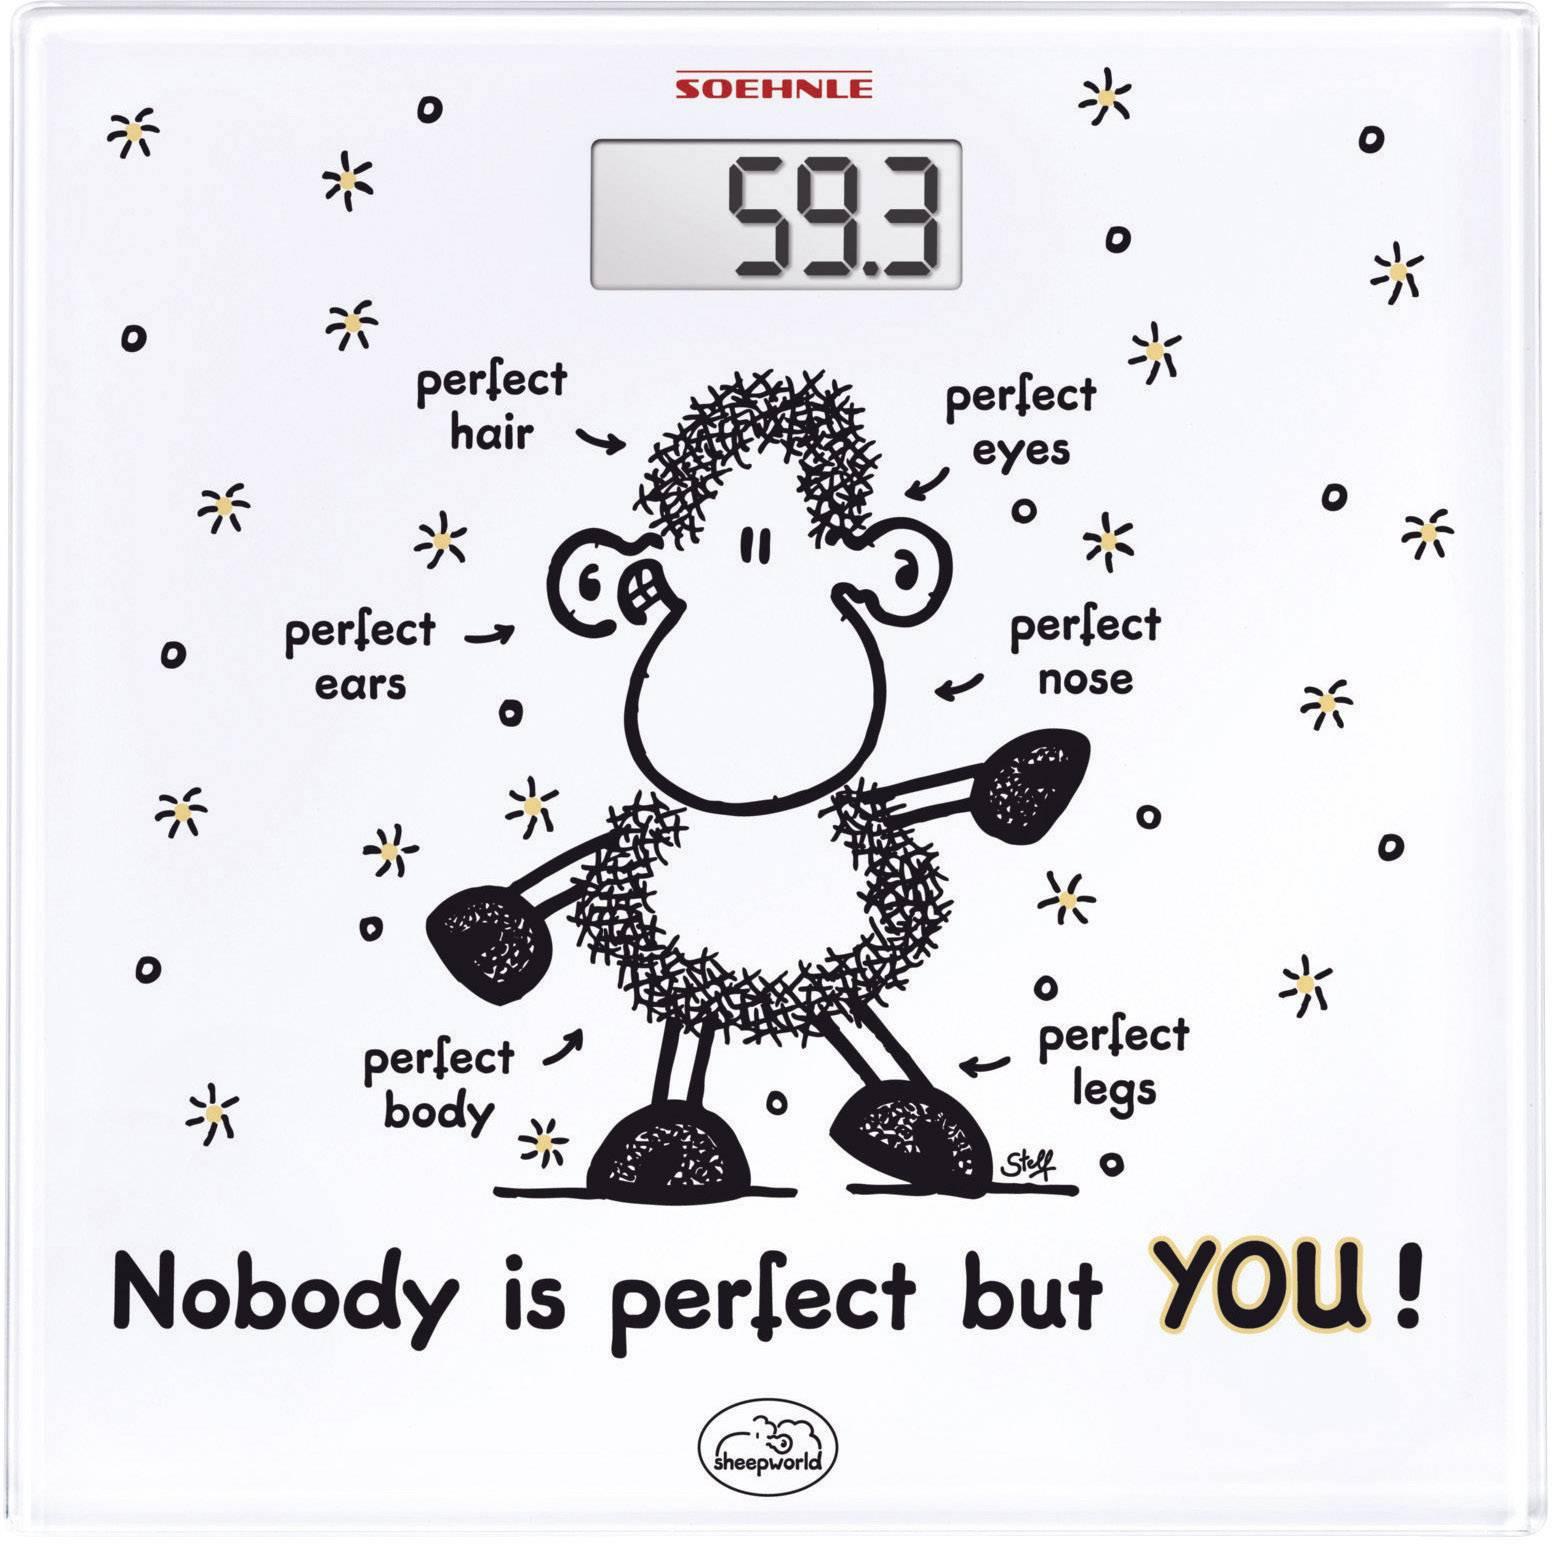 Sklenená osobná váha Soehnle Sheepworld, 63345, biela